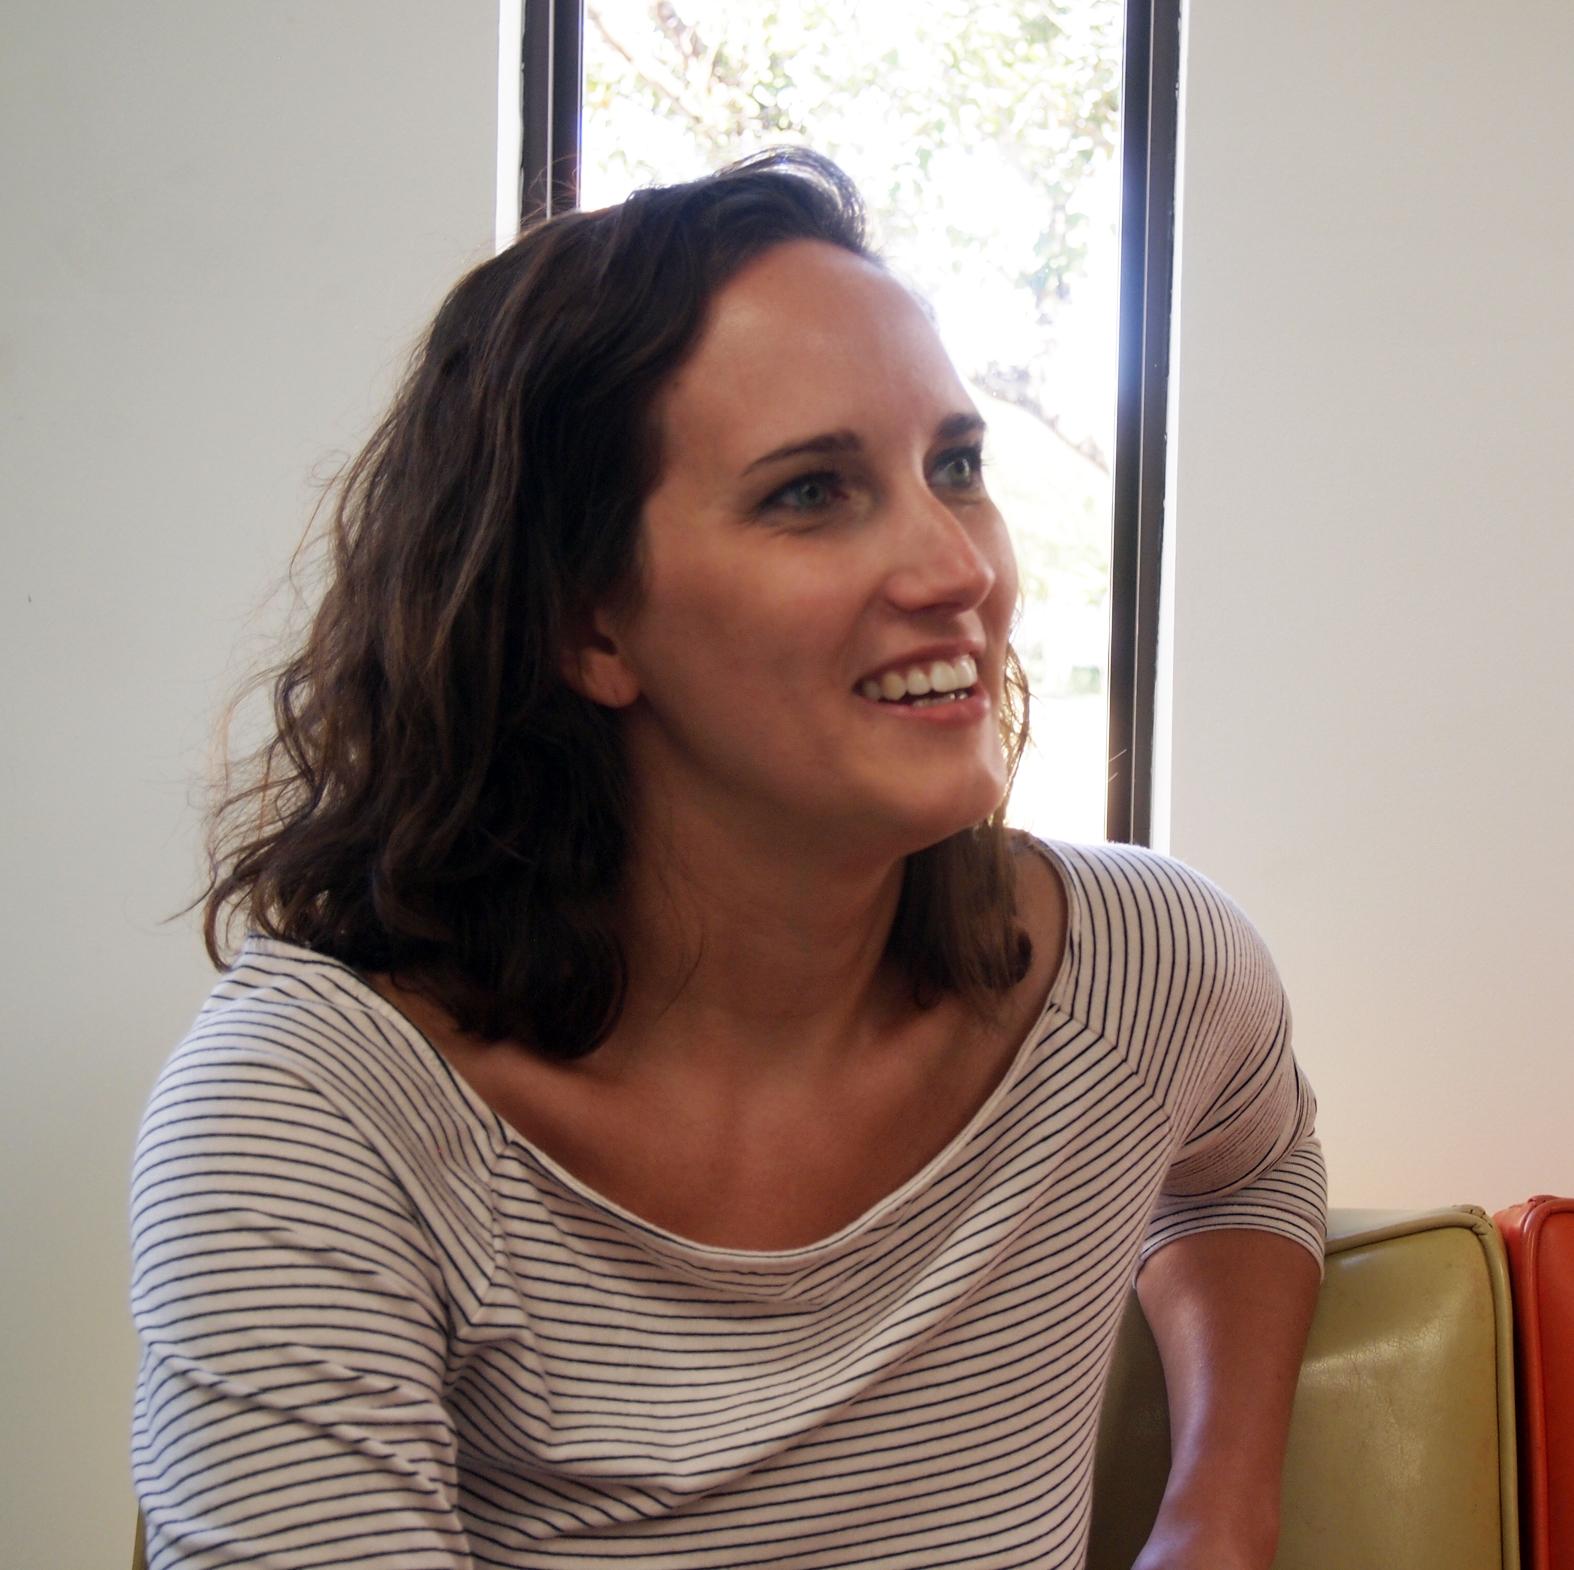 Heidi Schattin